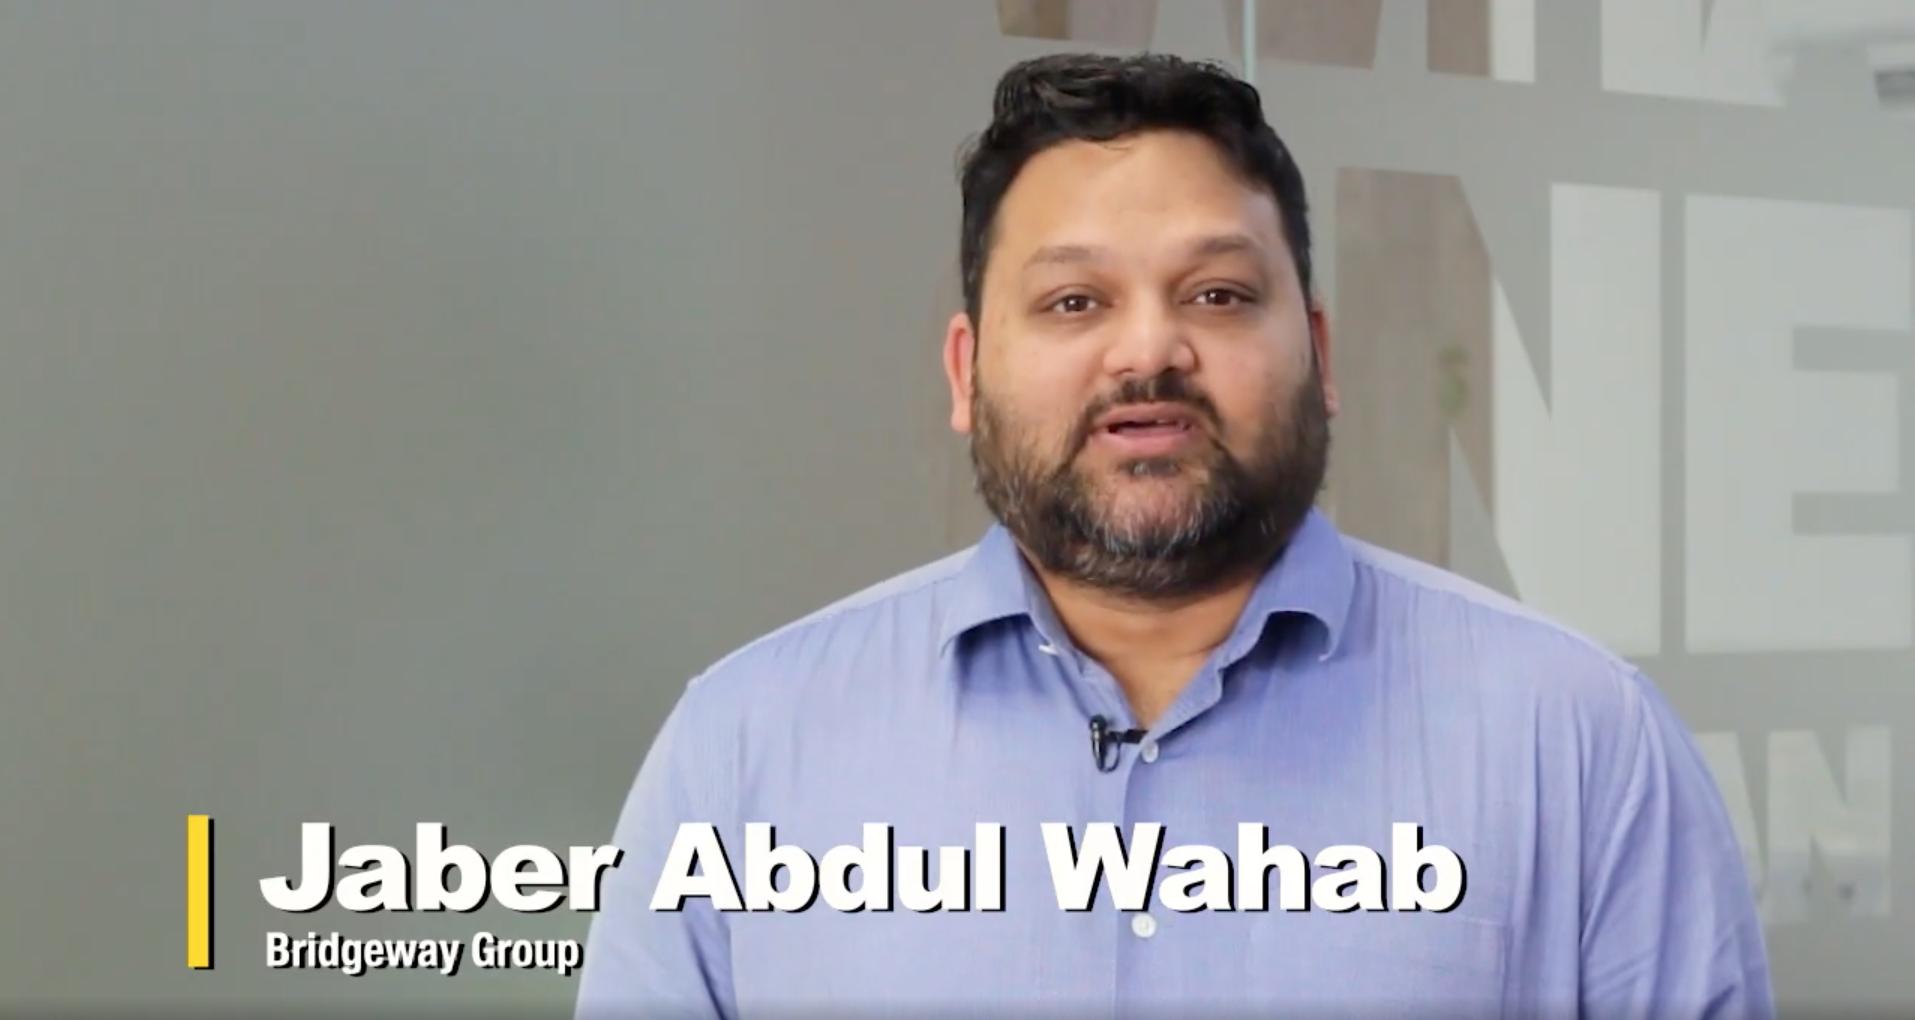 Jaber Abdul Wahab